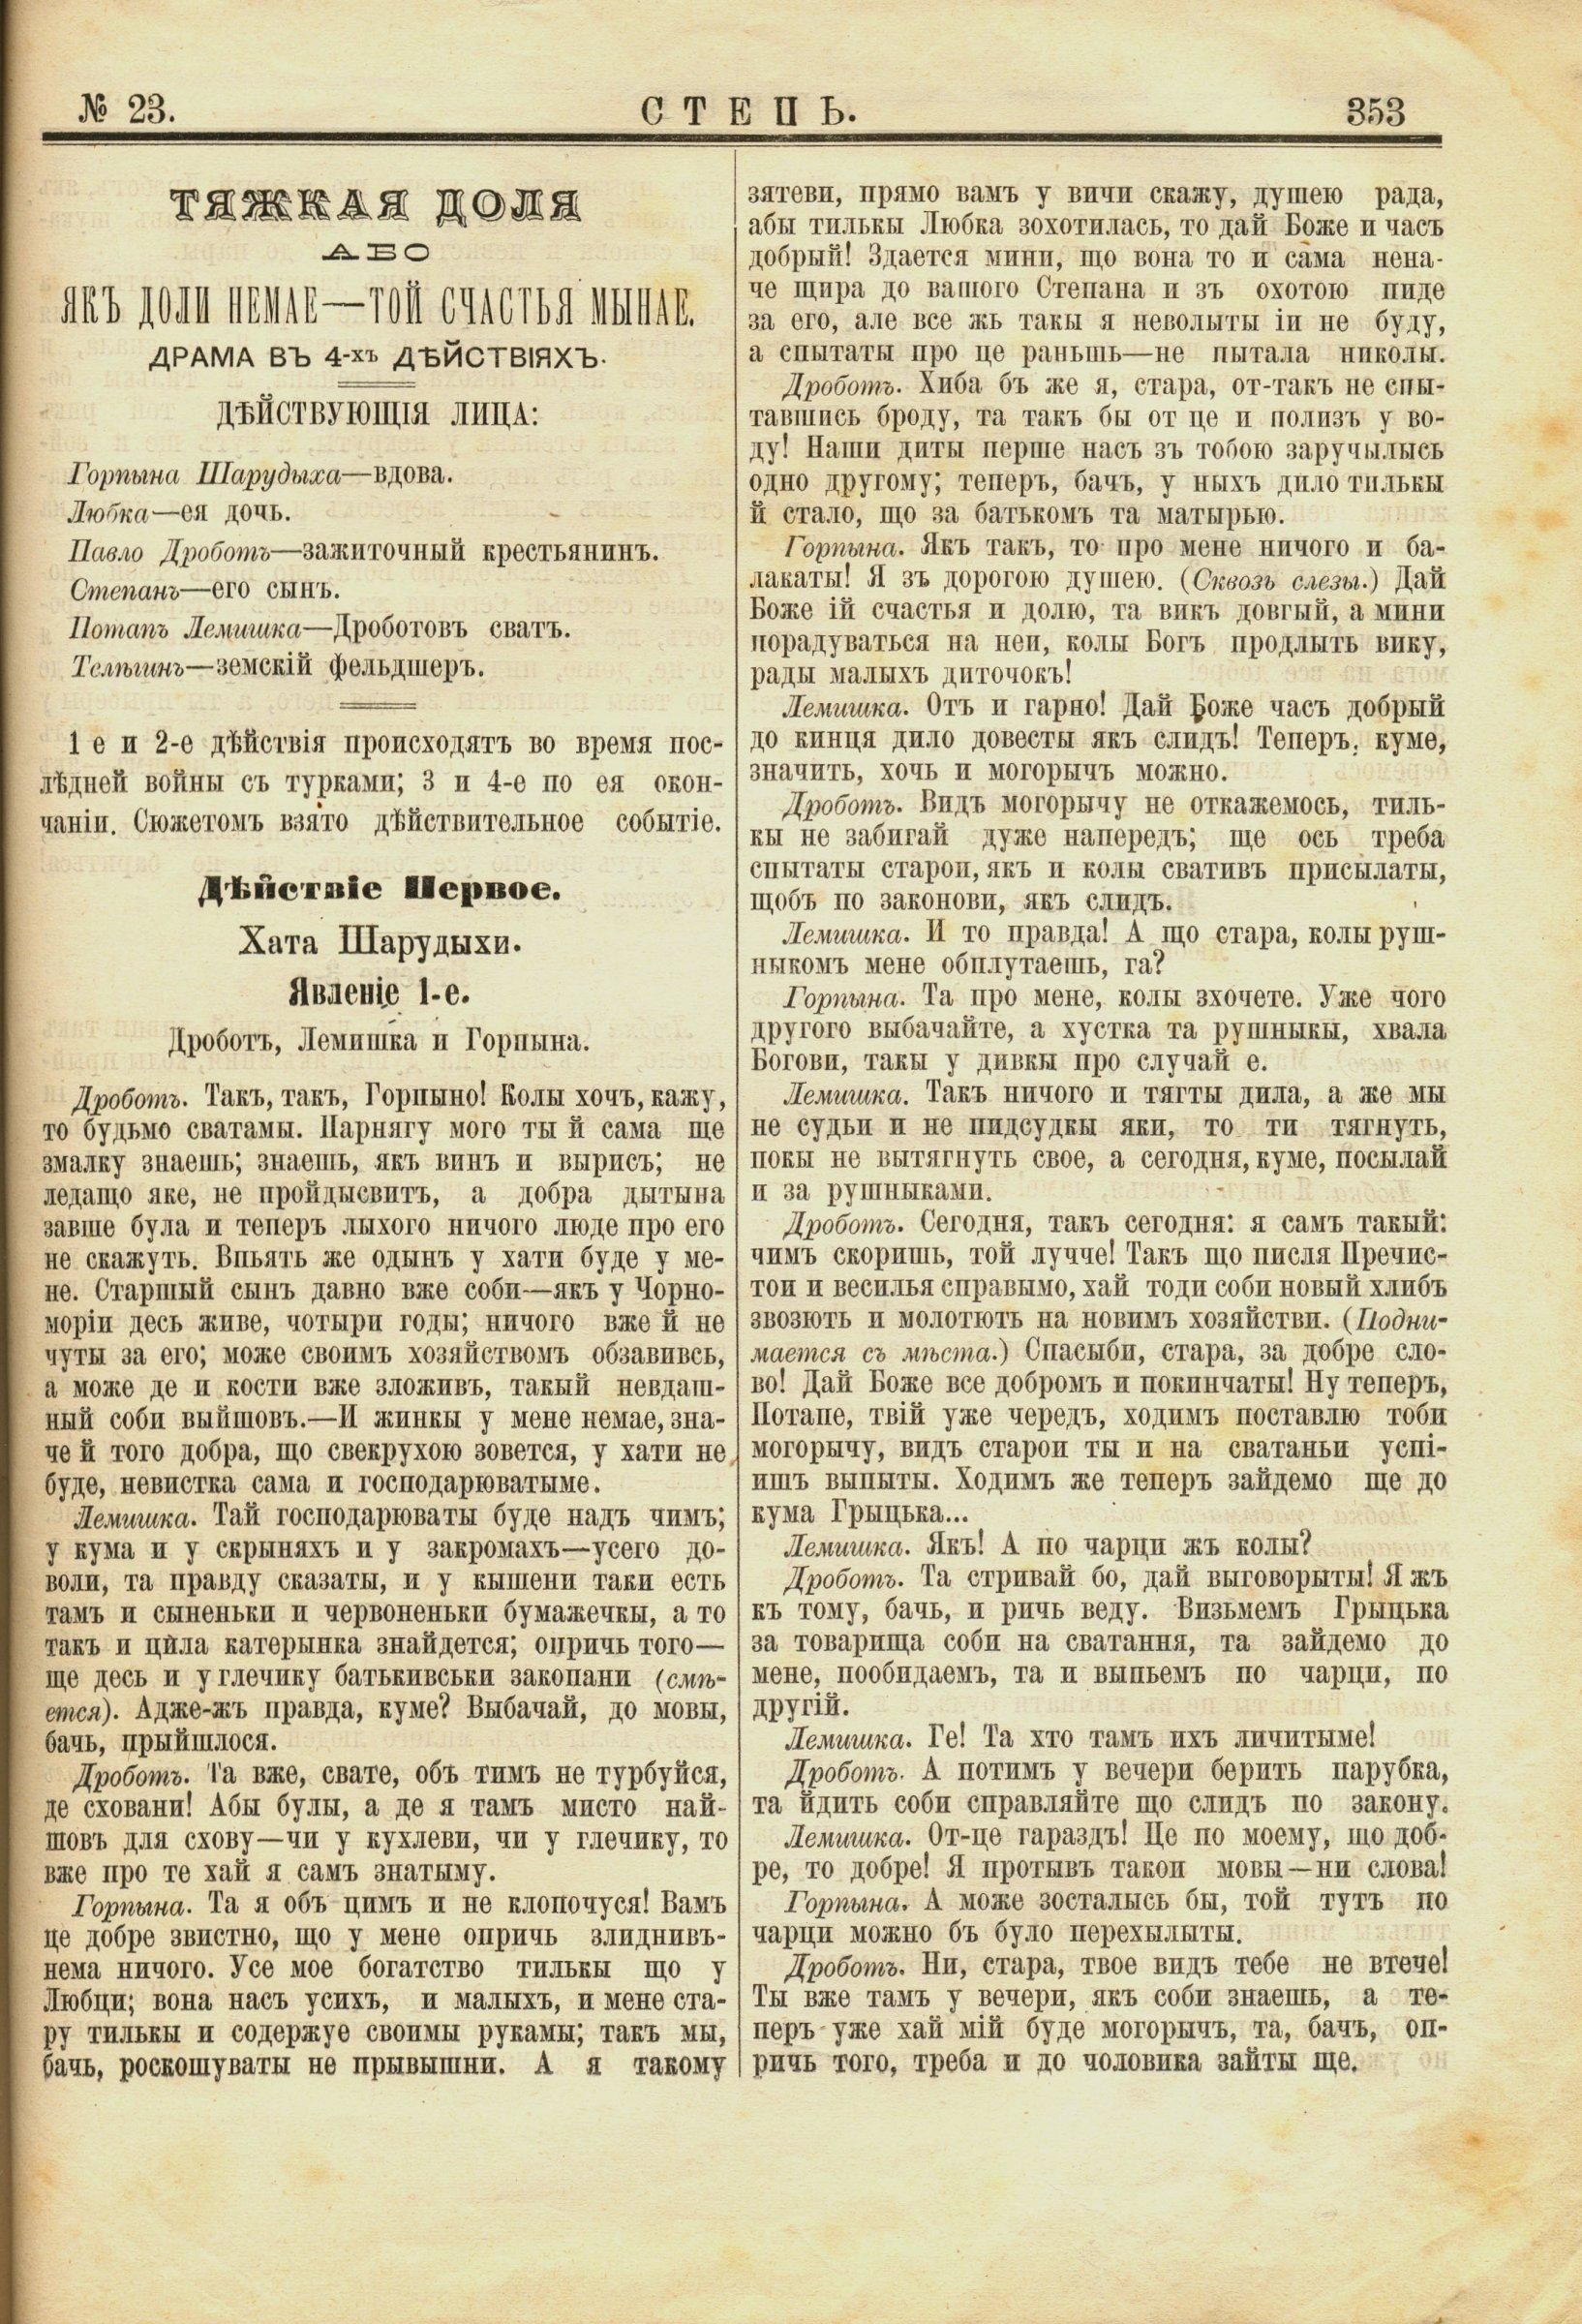 Публікація п'єси Г. Бораковського в часописі «Степь»